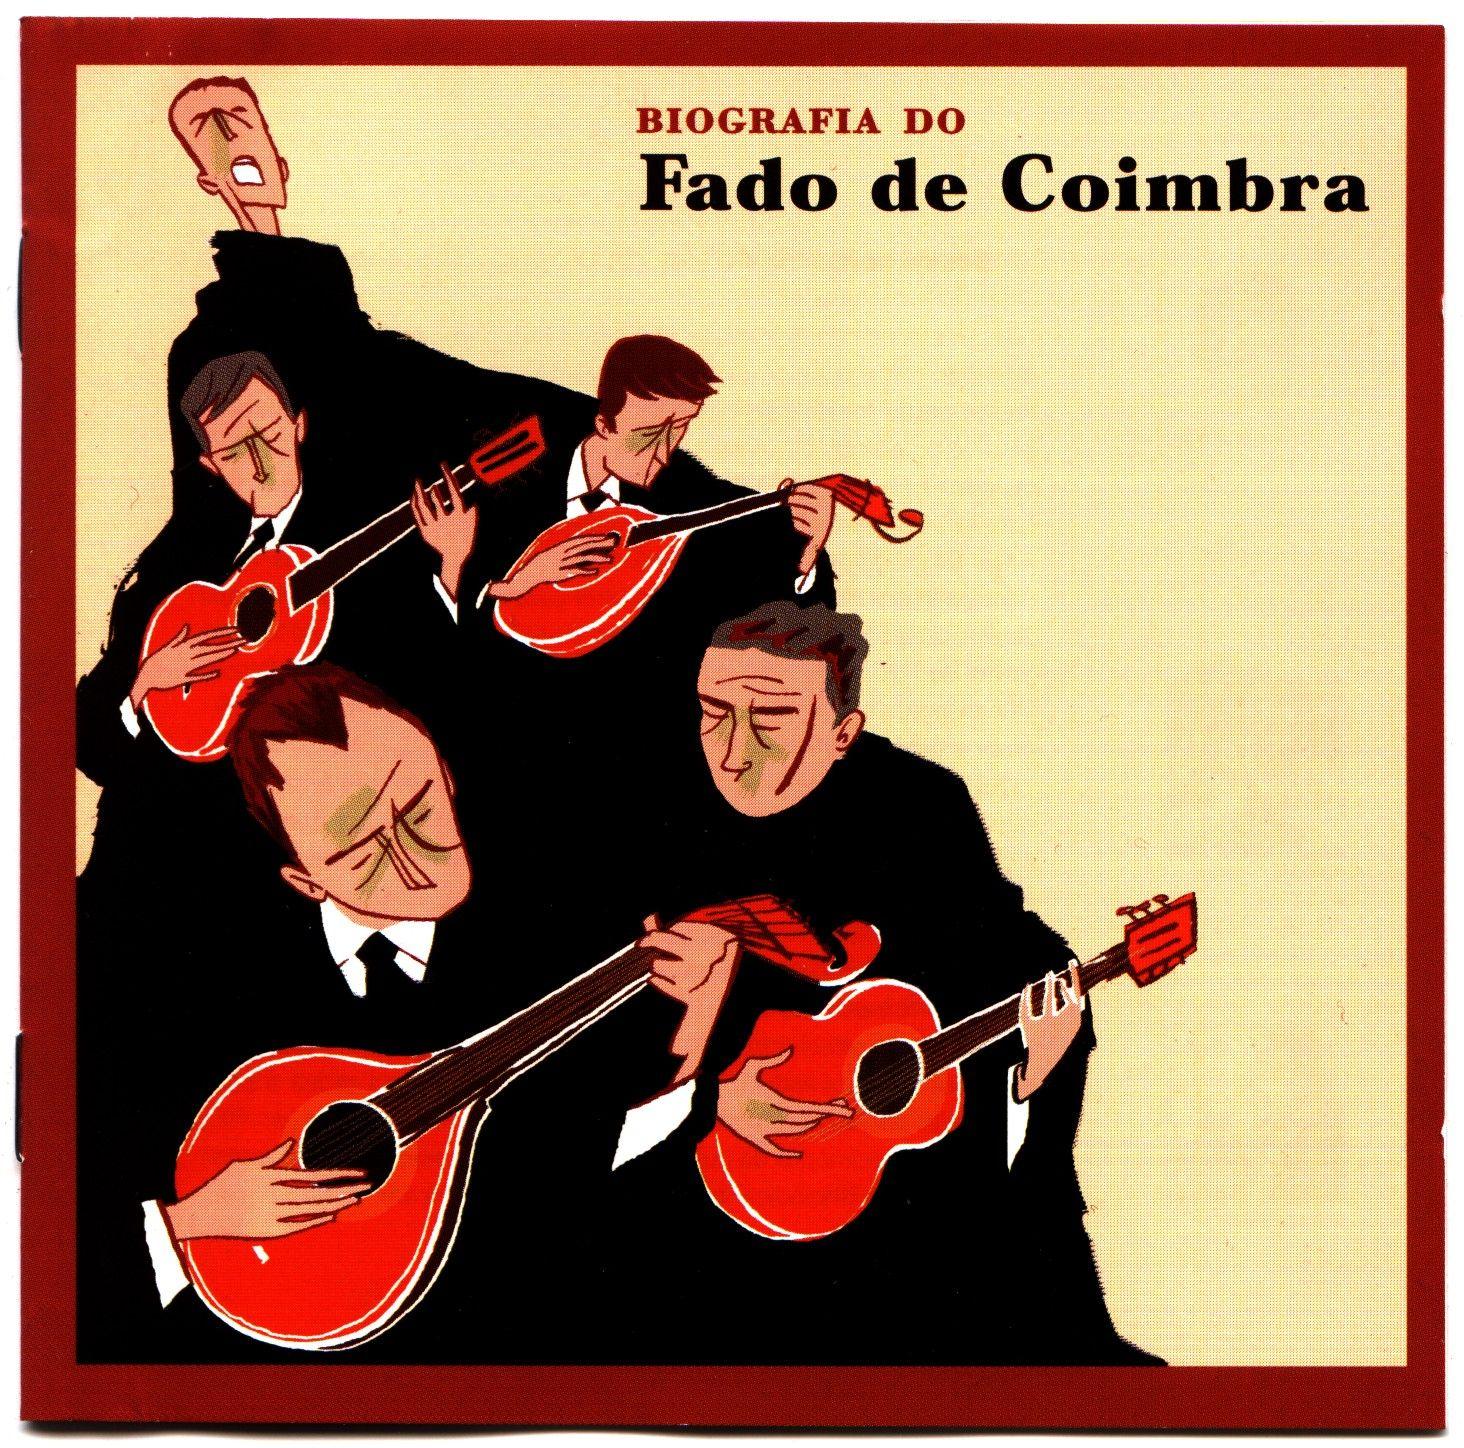 Fado De Coimbra With Images Album Covers Music Art Postcard